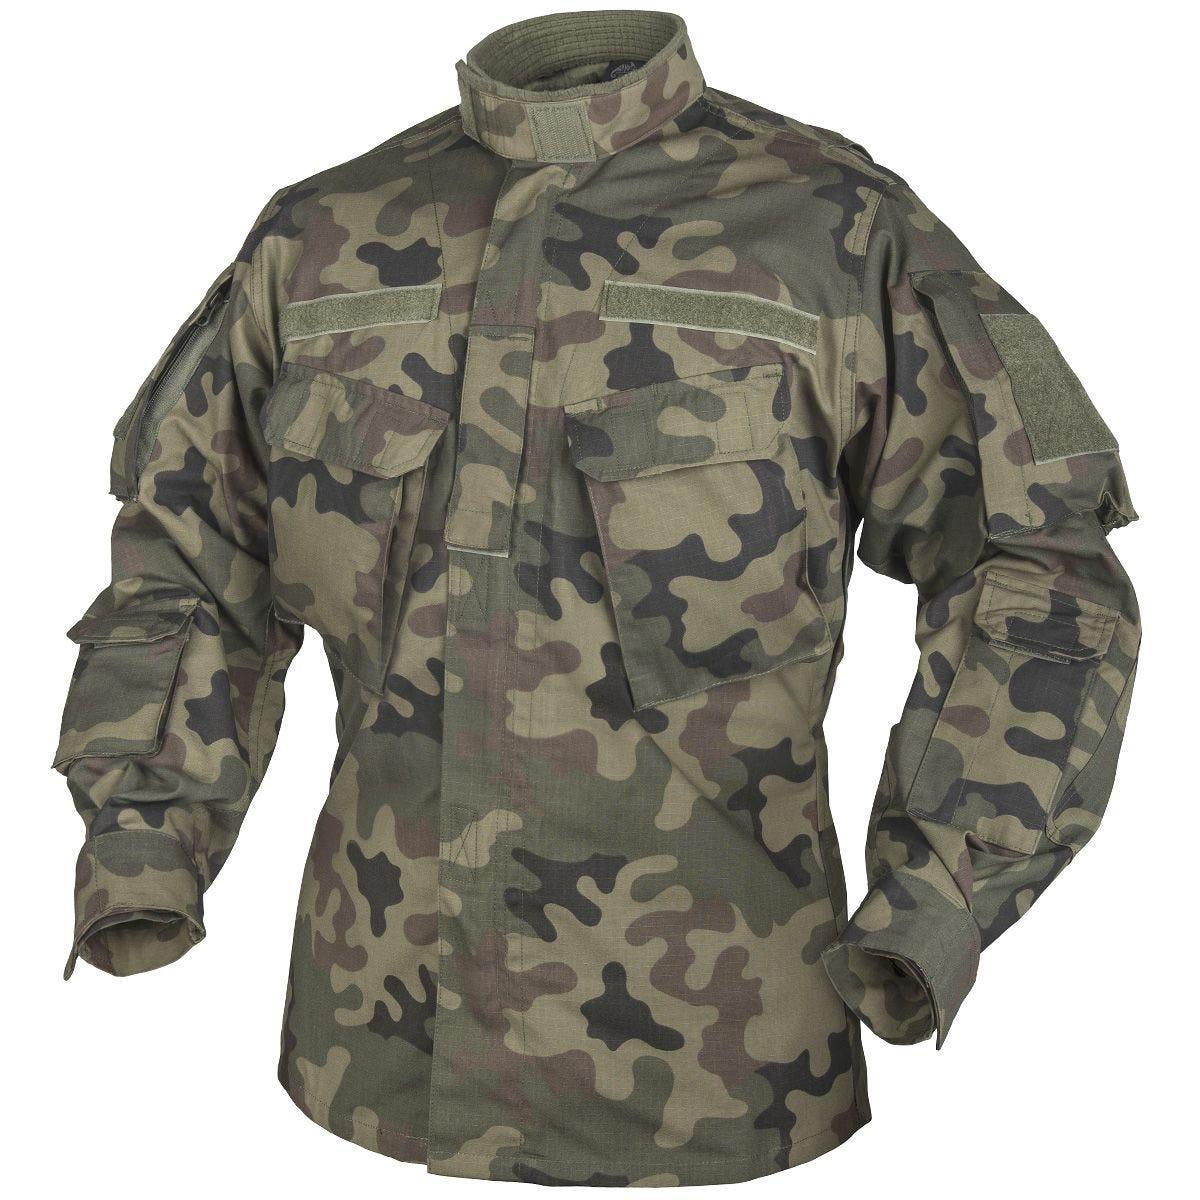 4c5d5c9cc07 https   www.military1st.com.au sale 2019-03-04T15 47 26+00 00 daily ...